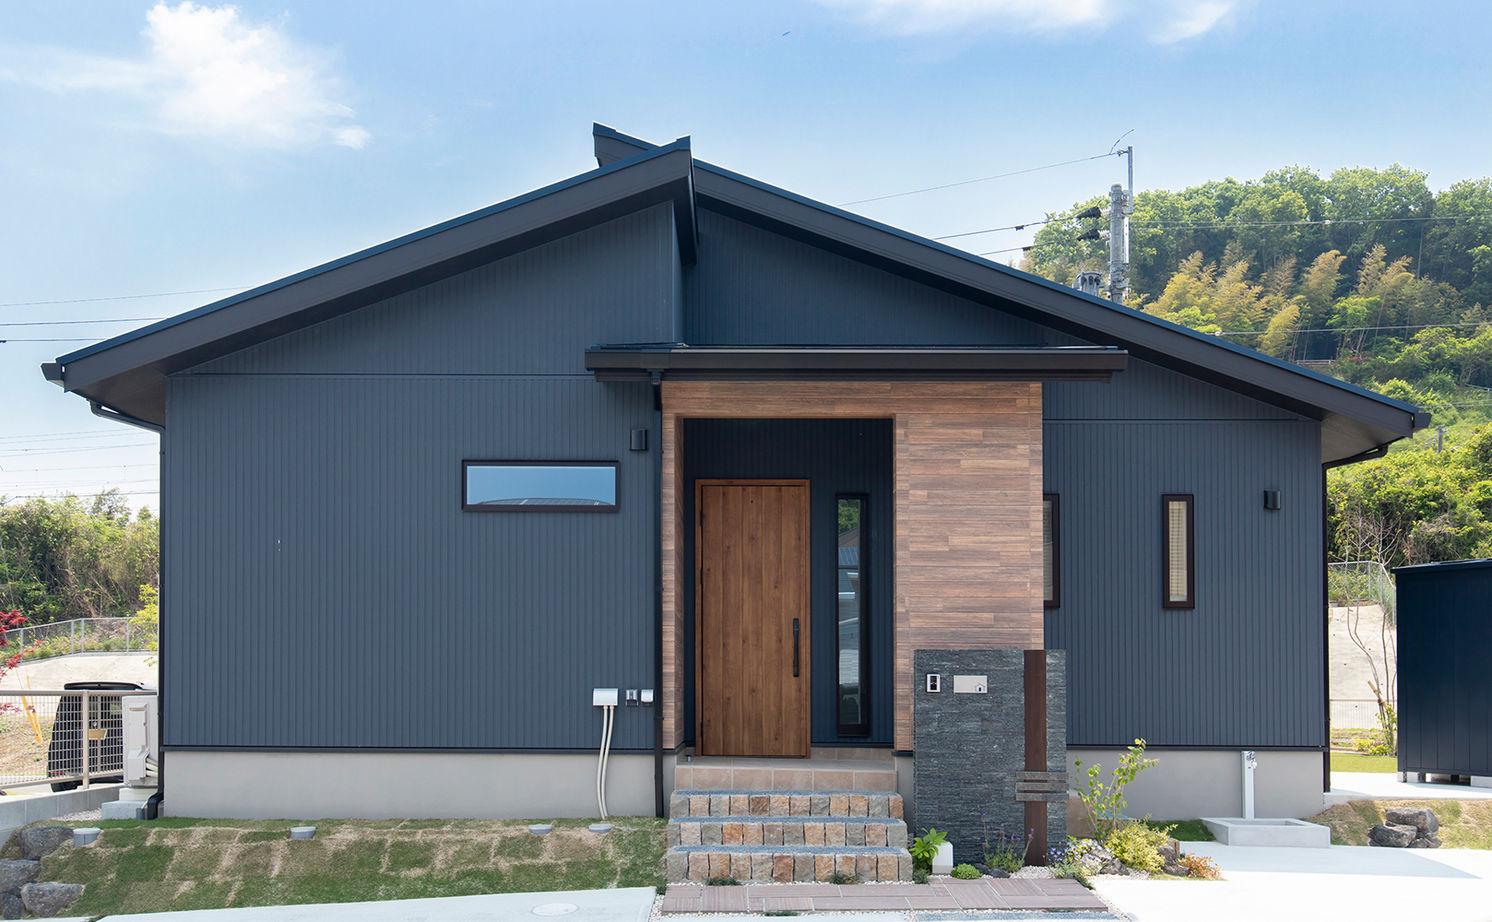 平屋でのびのび暮らしたい!木の温もりとセンスのいい家具、ZEHの省エネ性もしっかり画像1